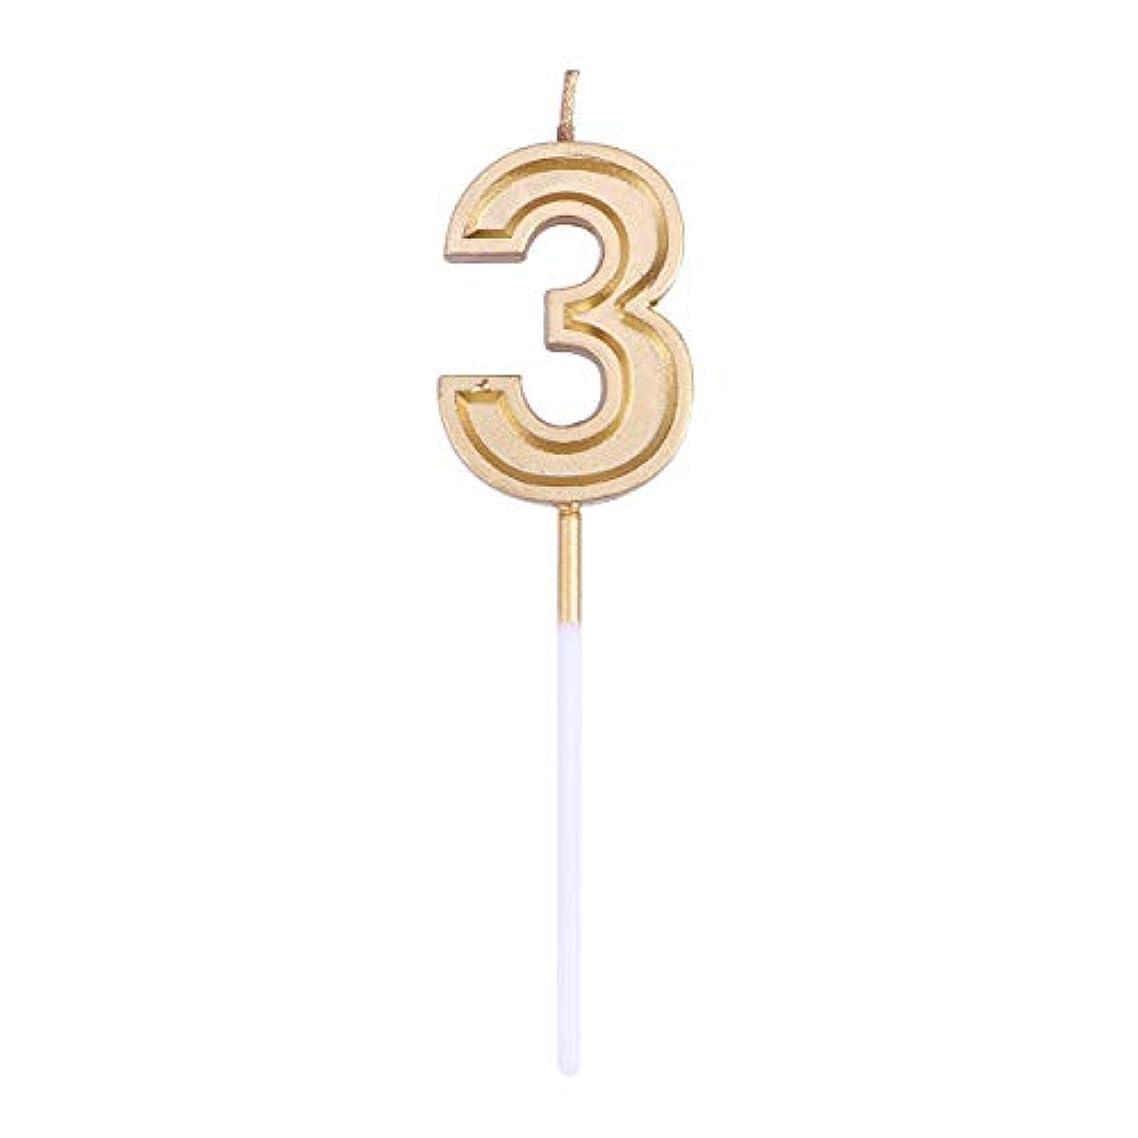 手つかずのメディック開始Toyvian ゴールドラメ誕生日おめでとう数字キャンドル番号キャンドルケーキトッパー装飾用大人キッズパーティー(番号3)